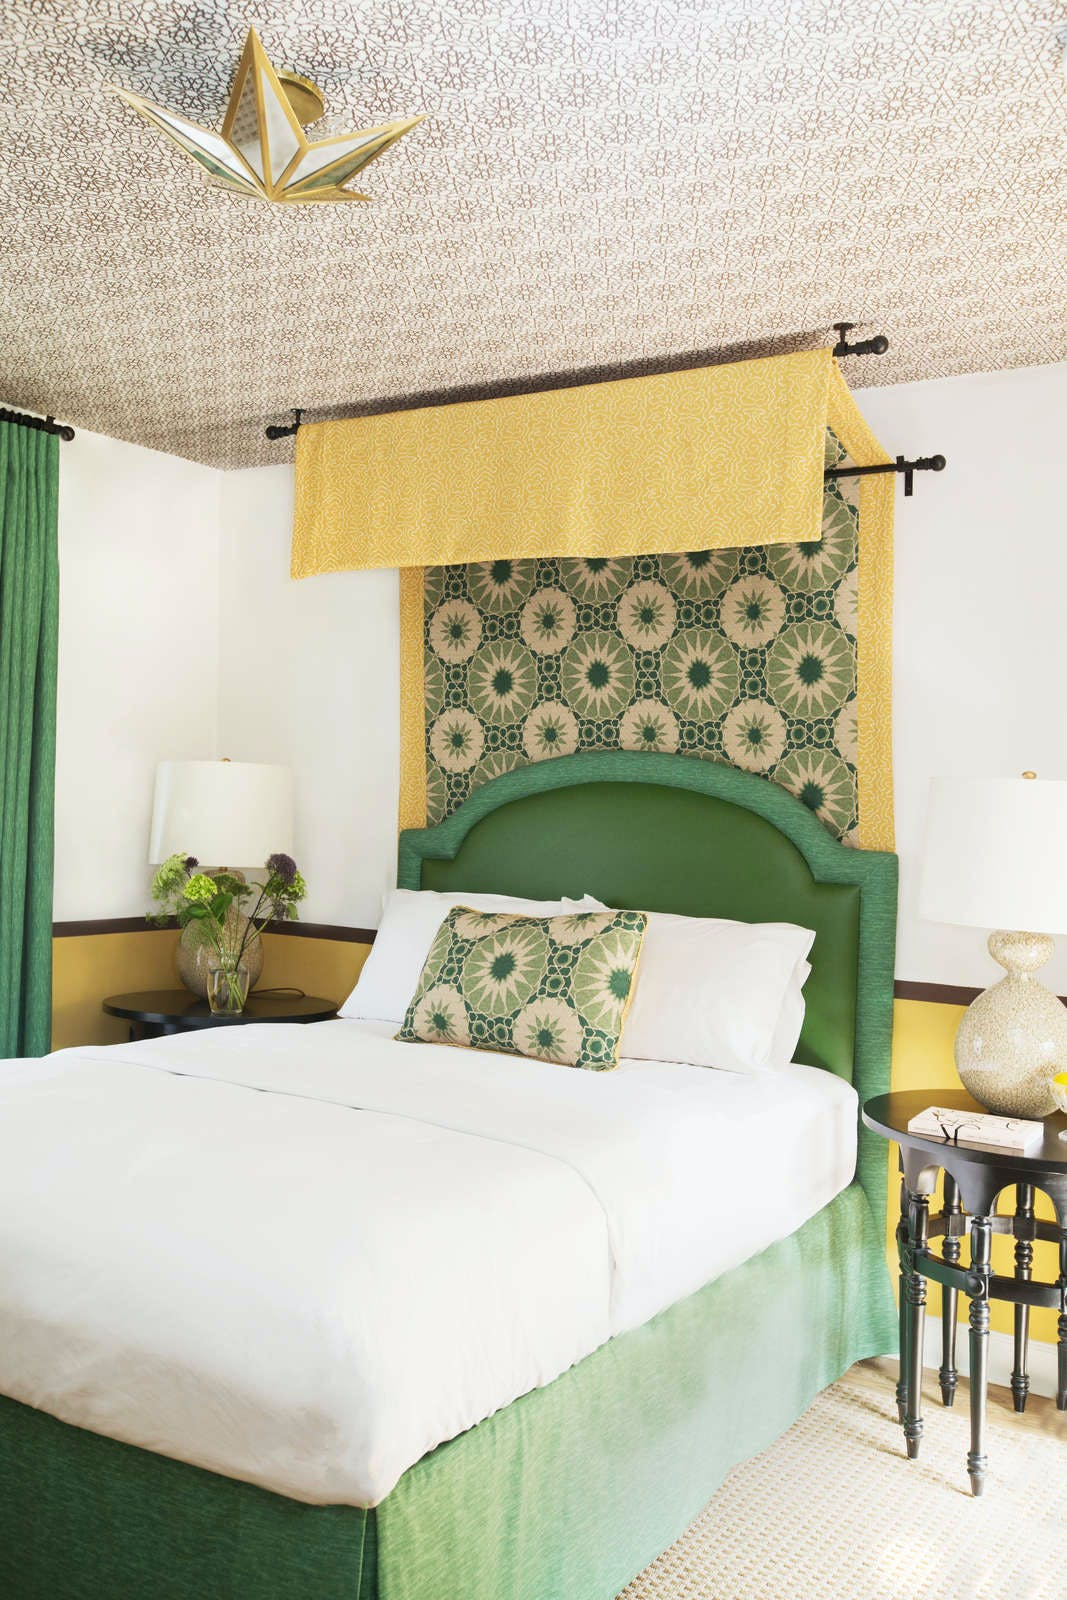 Casa Laguna Hotel & Spa